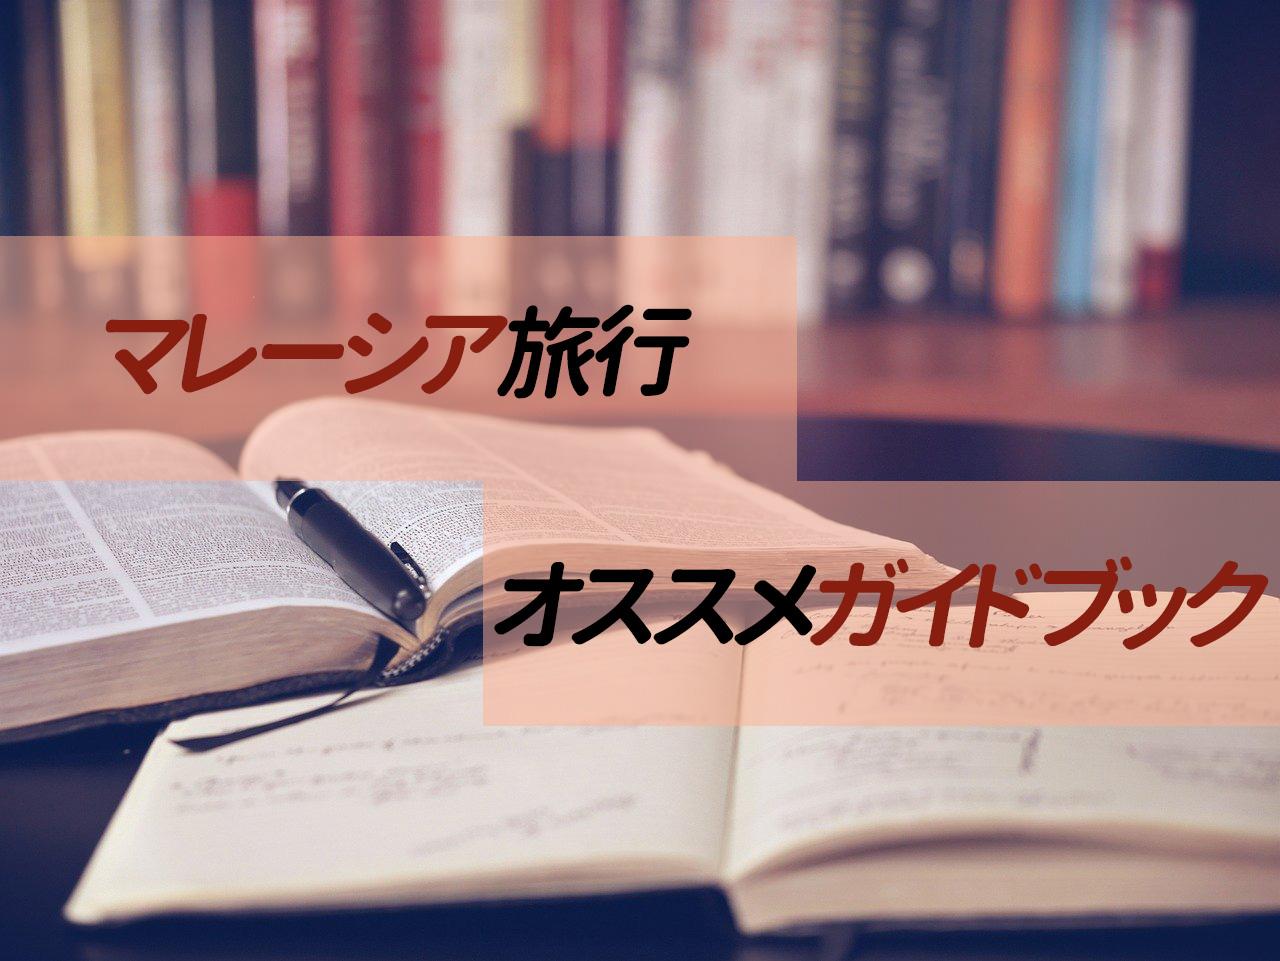 【マレーシア旅行】鉄板ガイドブックランキング 特徴を紹介!